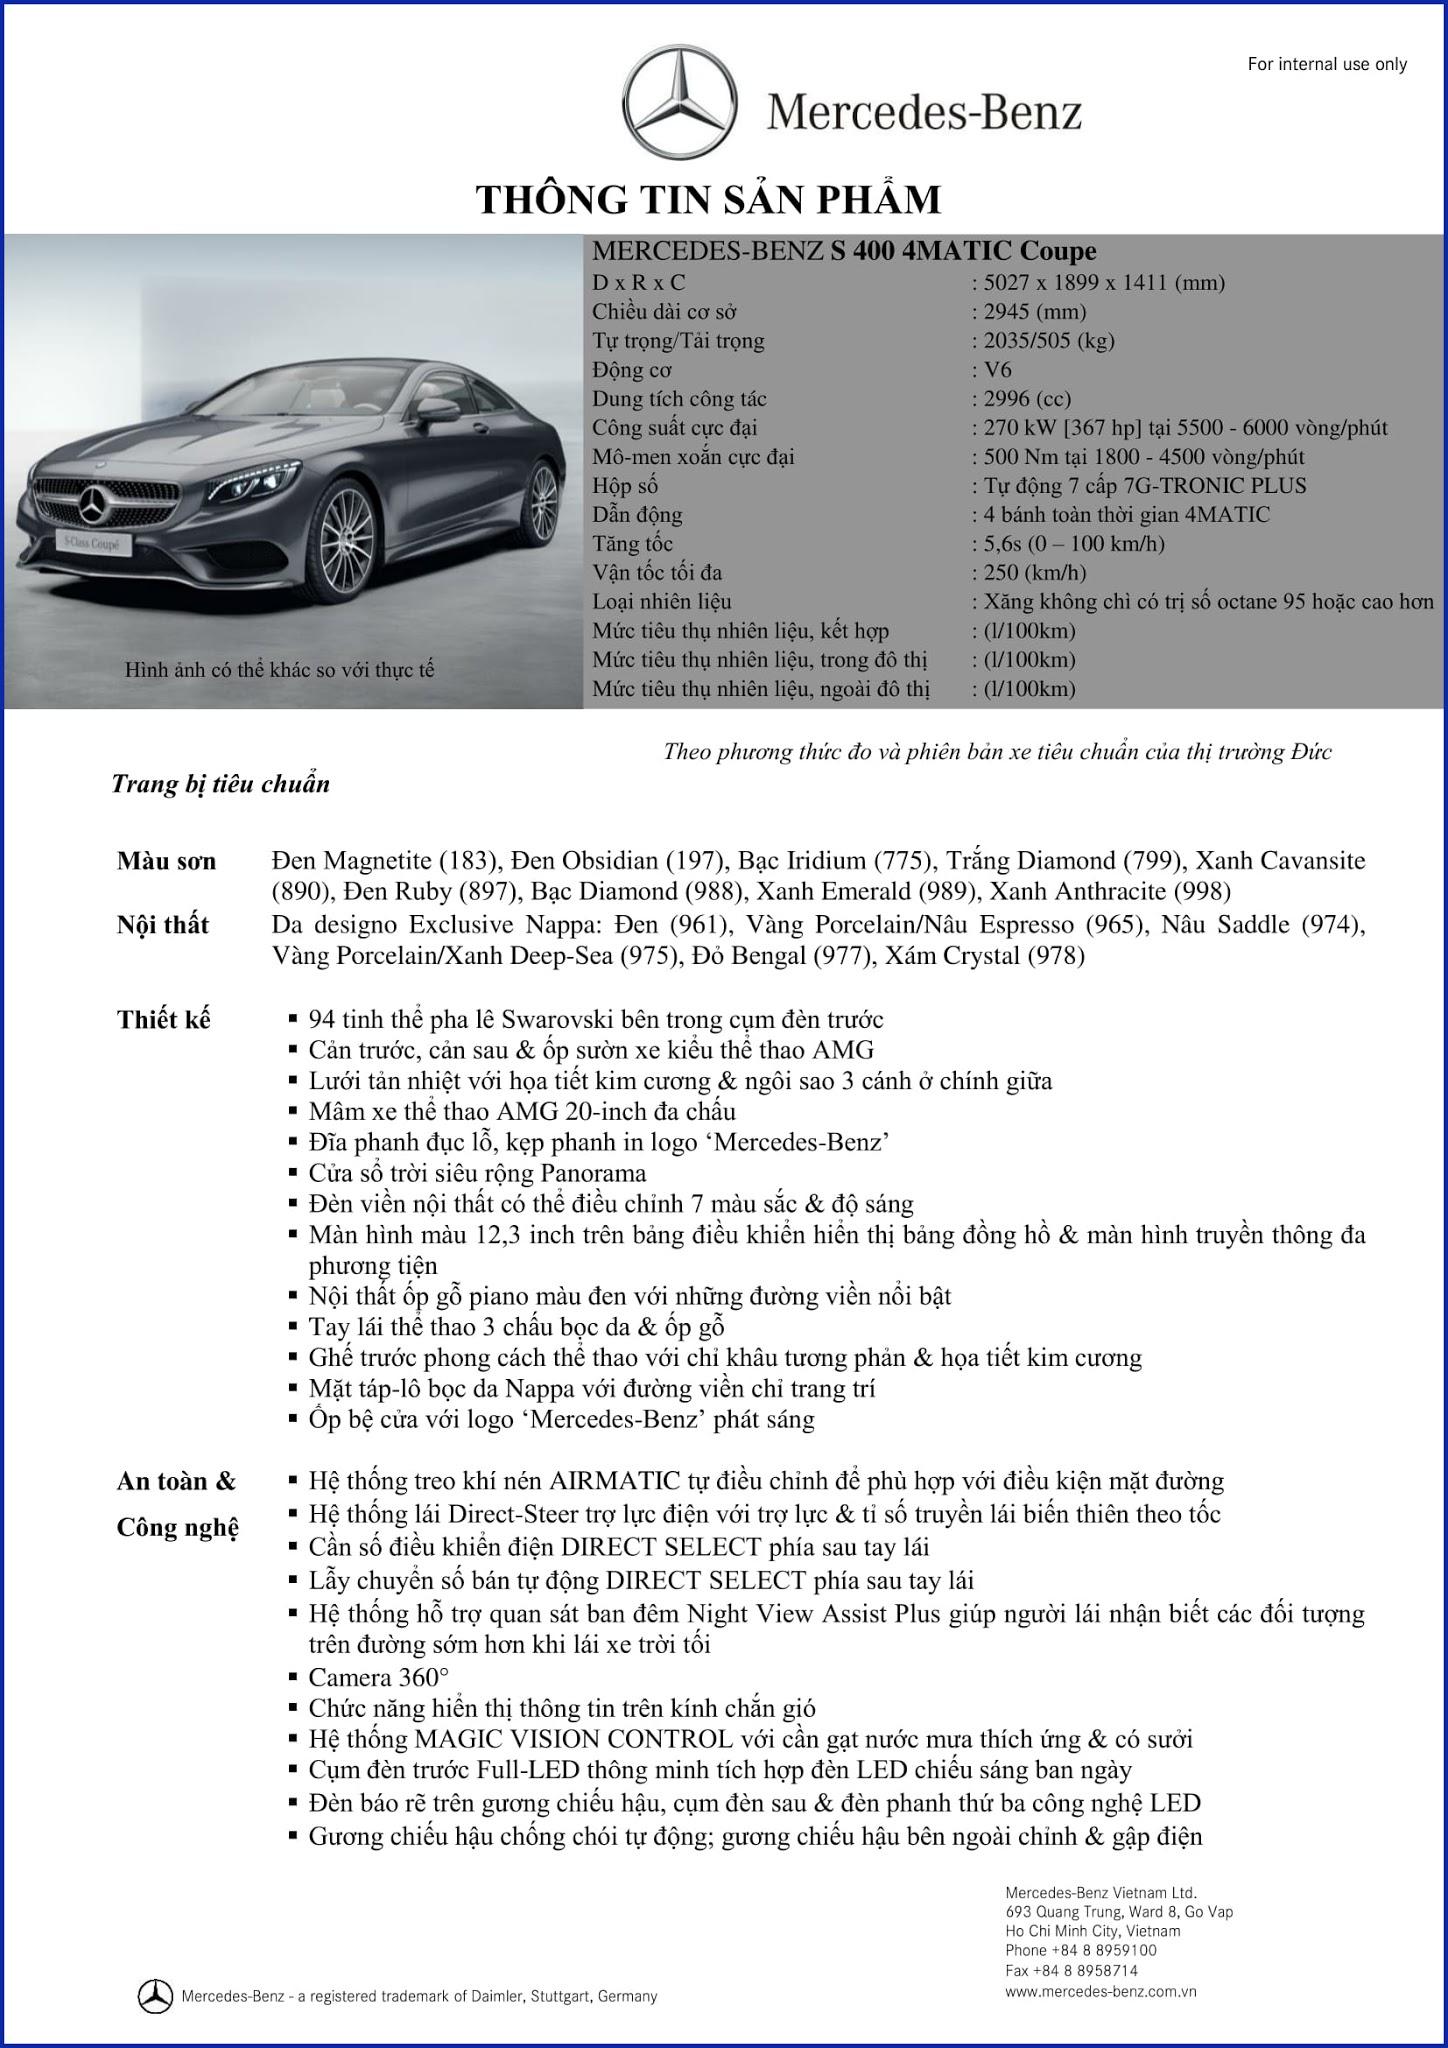 Bảng thông số kỹ thuật Mercedes S450 4MATIC Coupe 2019 tại Mercedes Trường Chinh